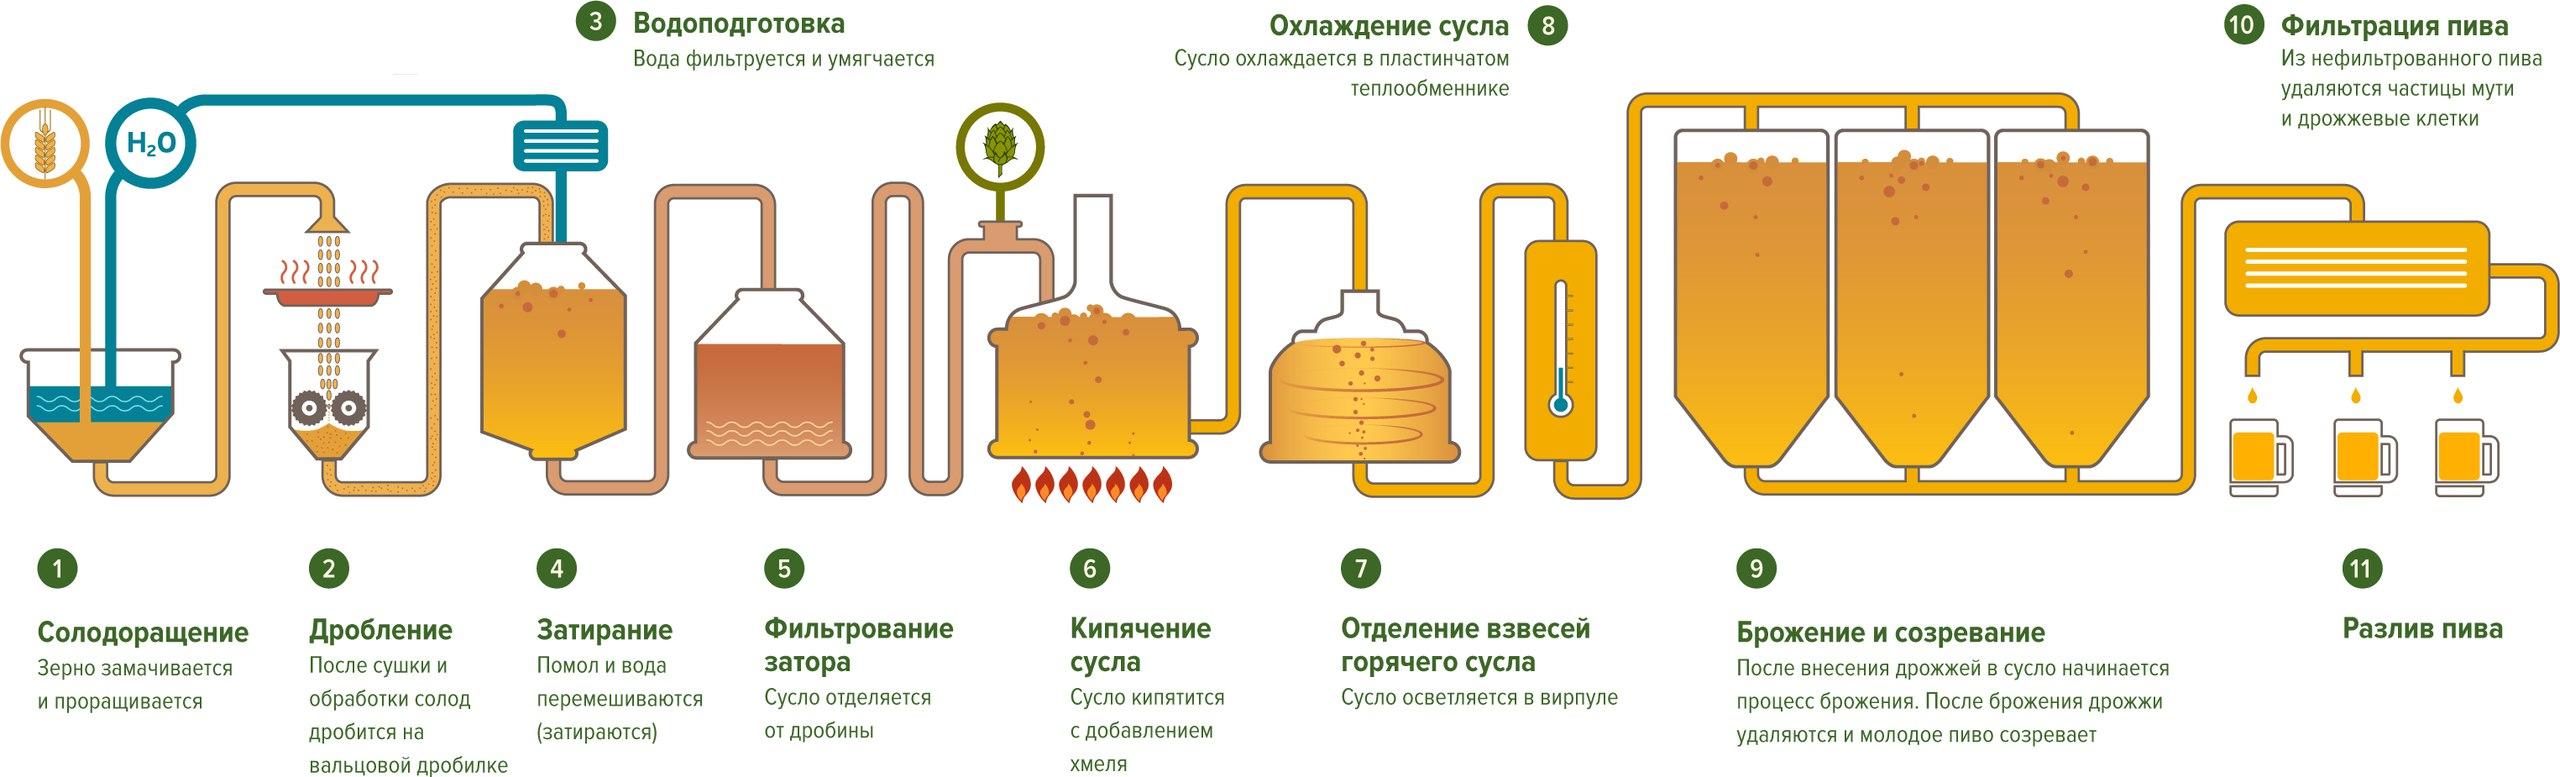 Как сделать пивоварню схема